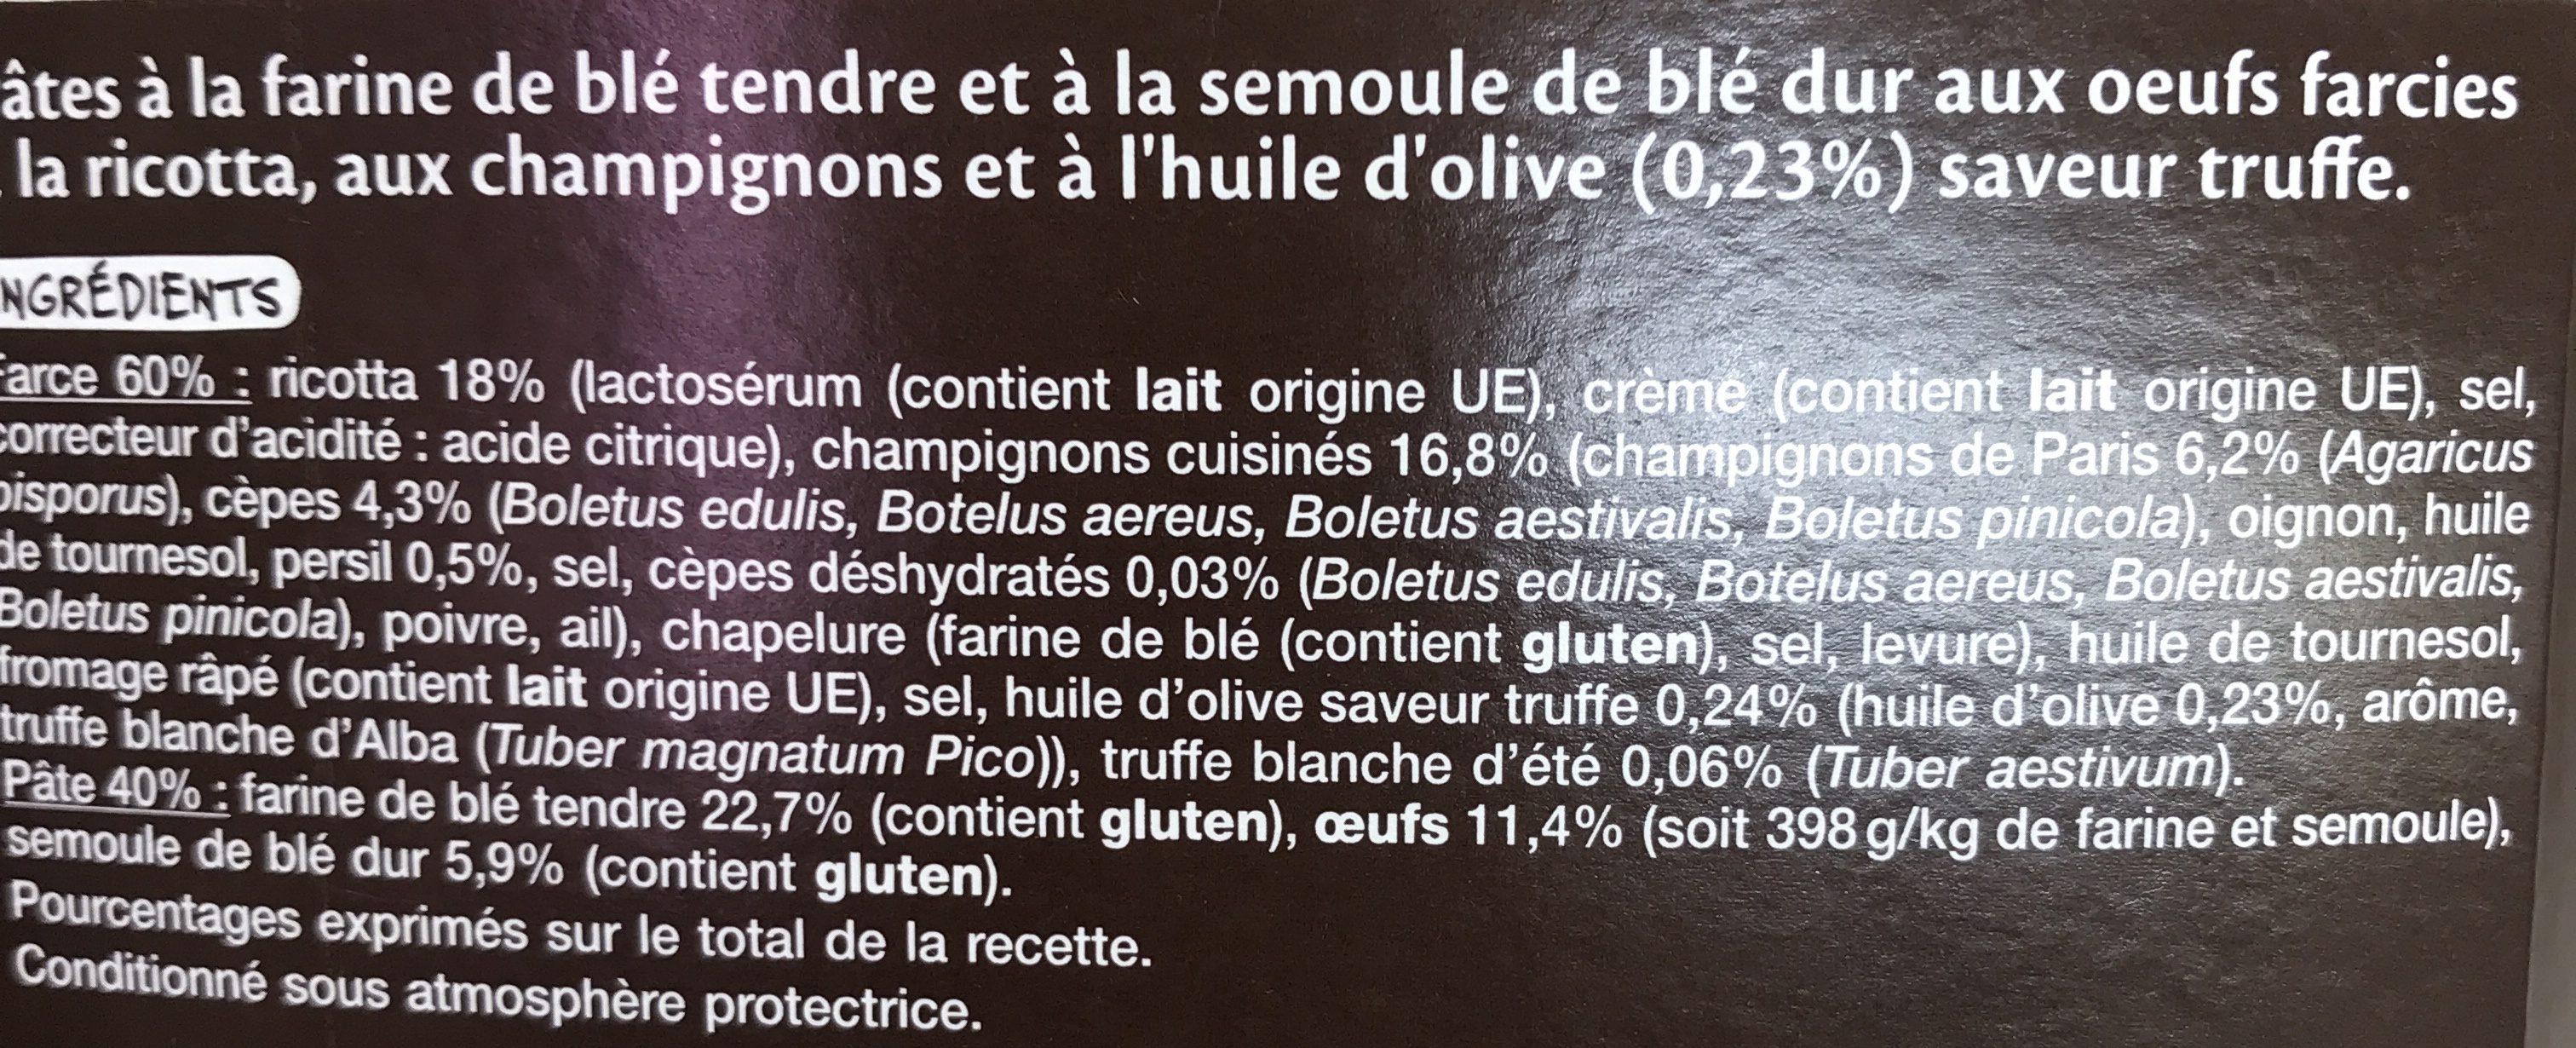 Mezzelune Champignons huile saveur truffe - Ingrédients - fr